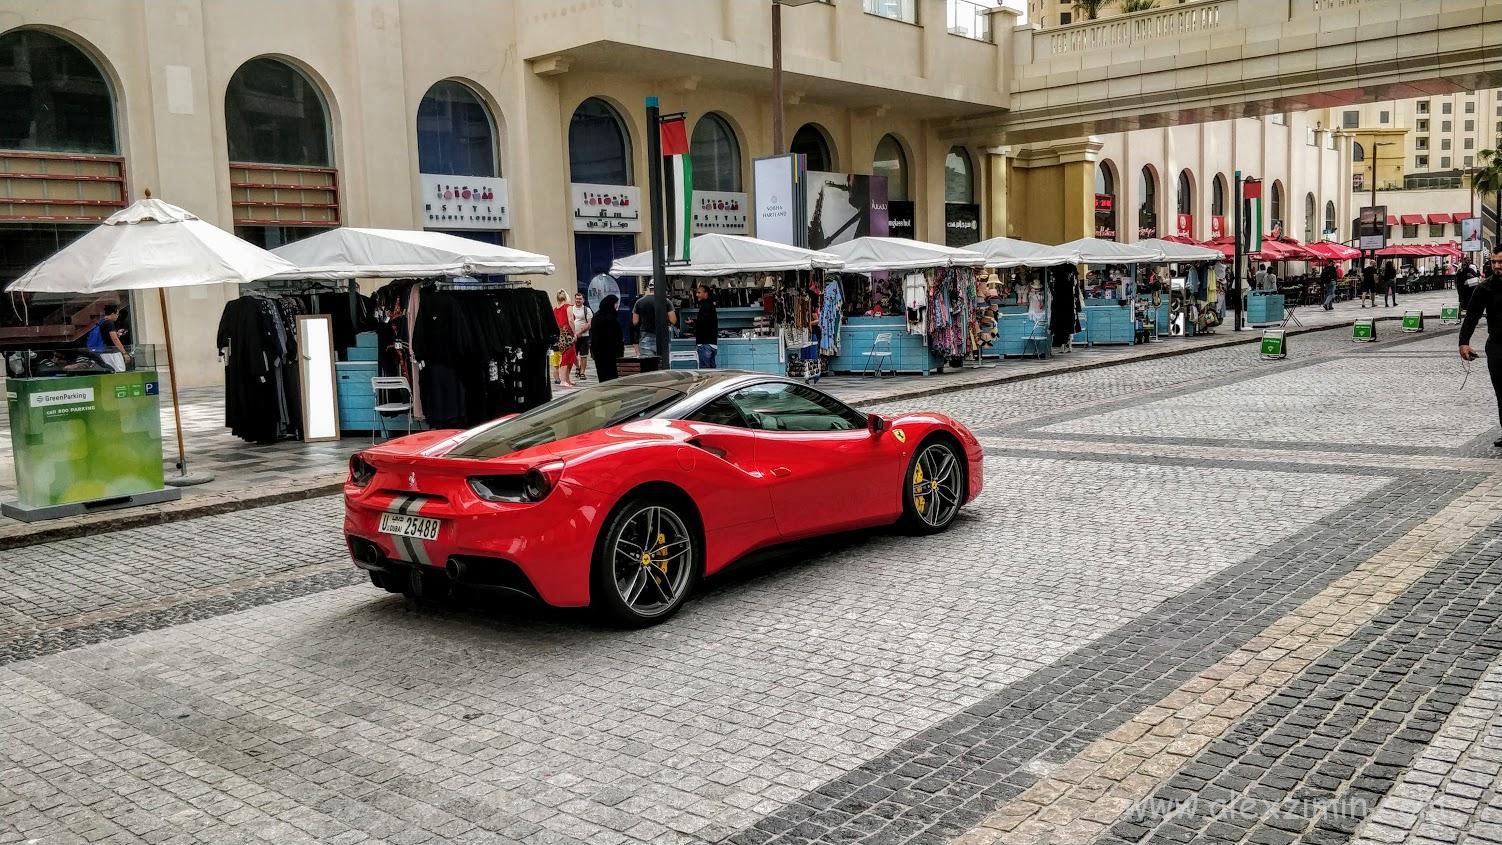 Аренда люксовых авто в Дубае. Красная Феррари